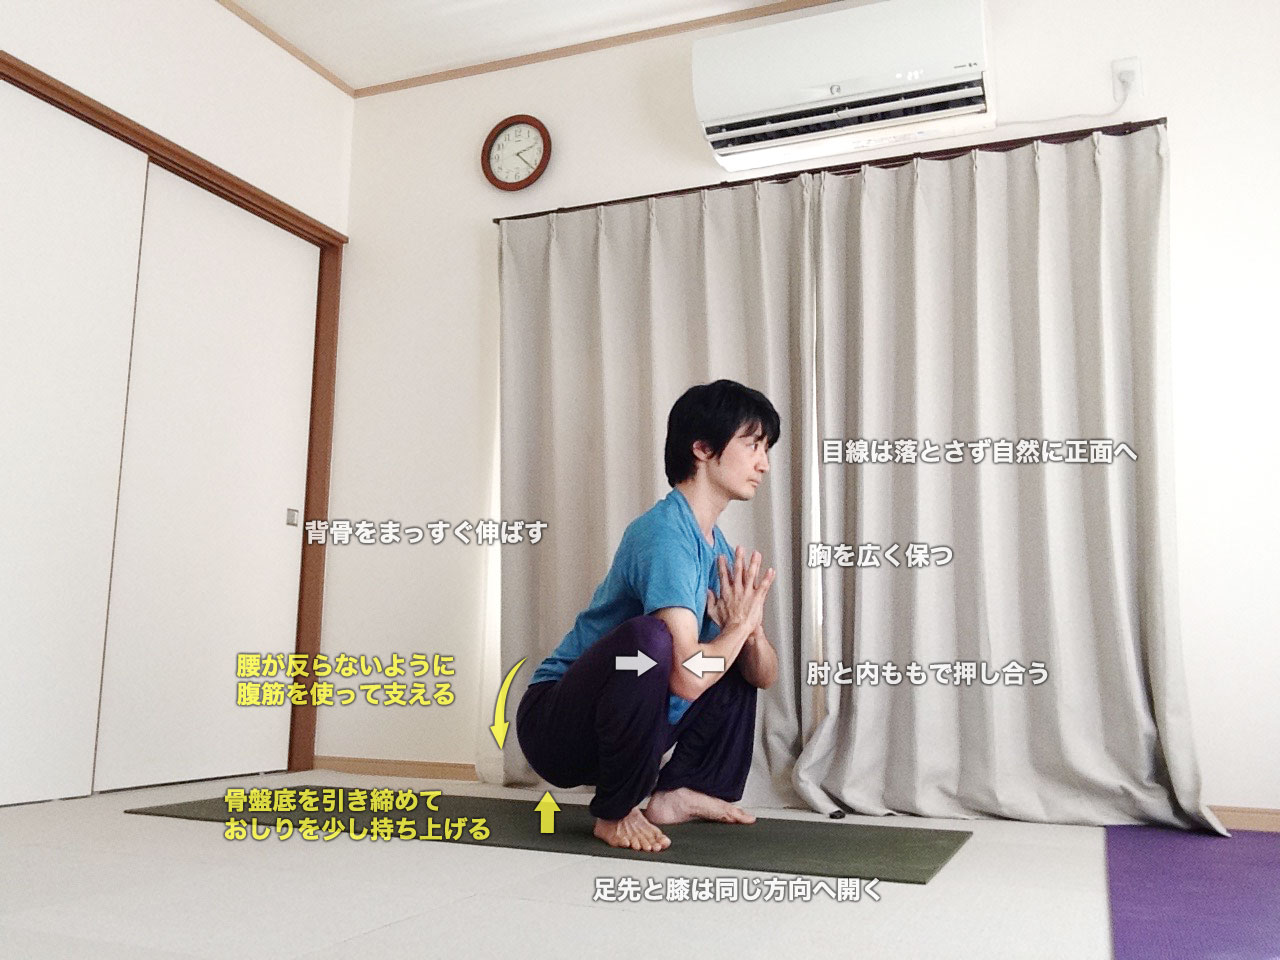 マーラーサナ(花輪のポーズ)〜骨盤底のトレーニング・股関節を柔軟に〜